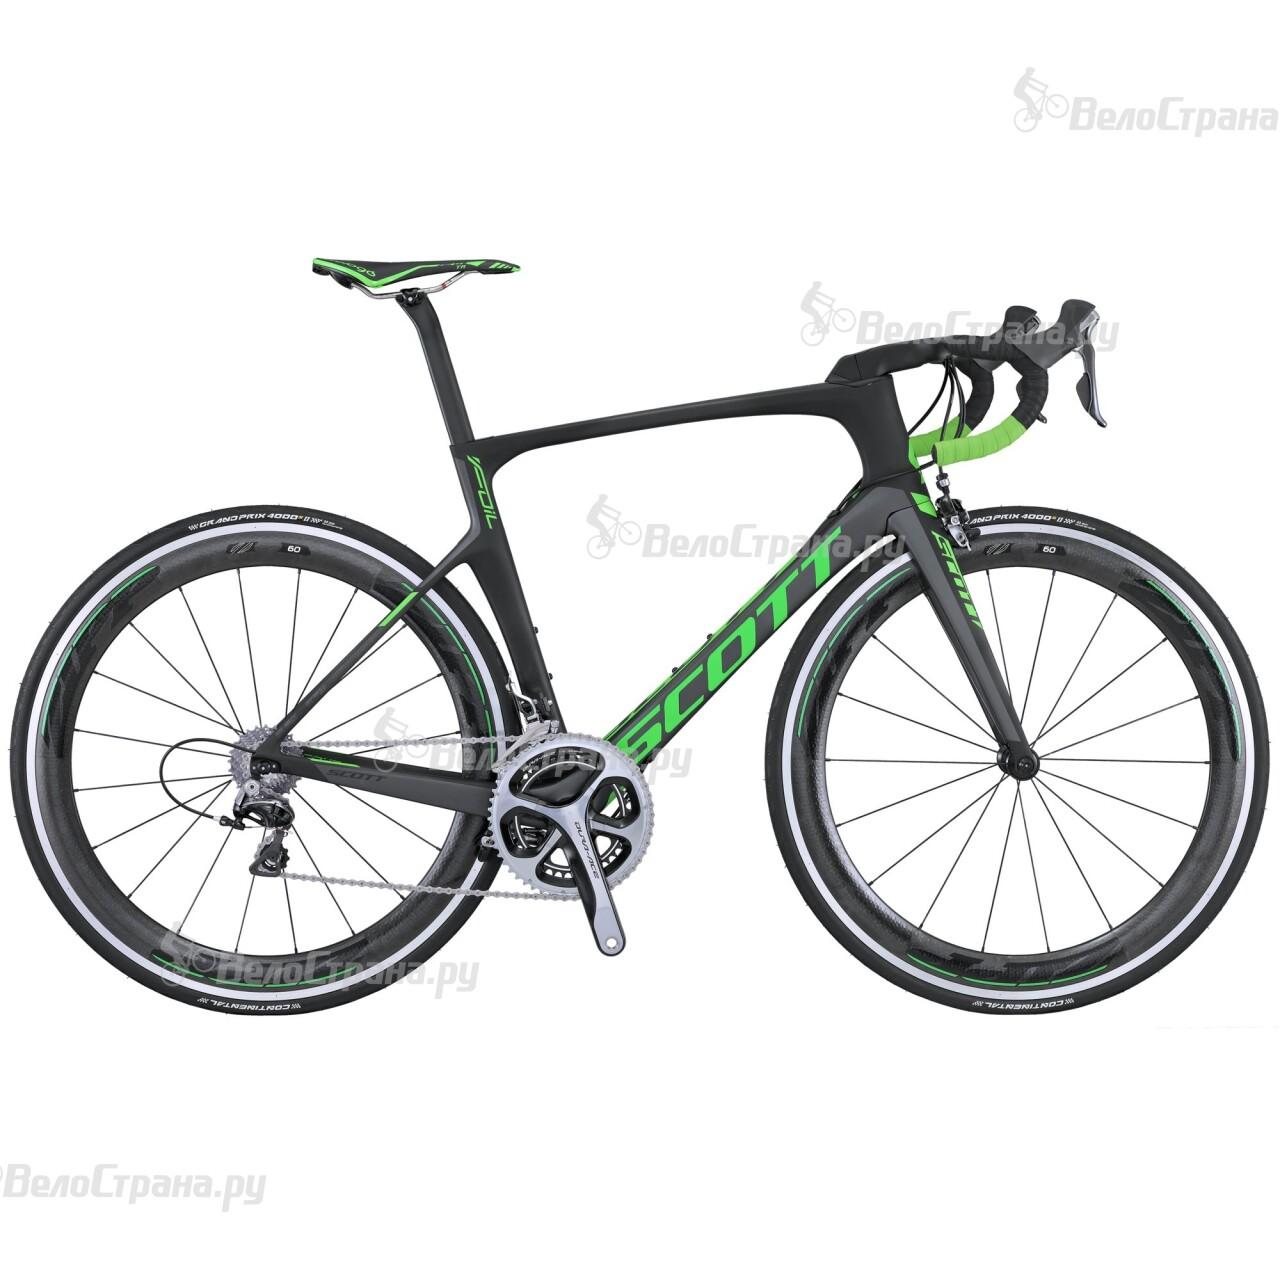 Велосипед Scott Foil Team Issue (2016)  цена и фото